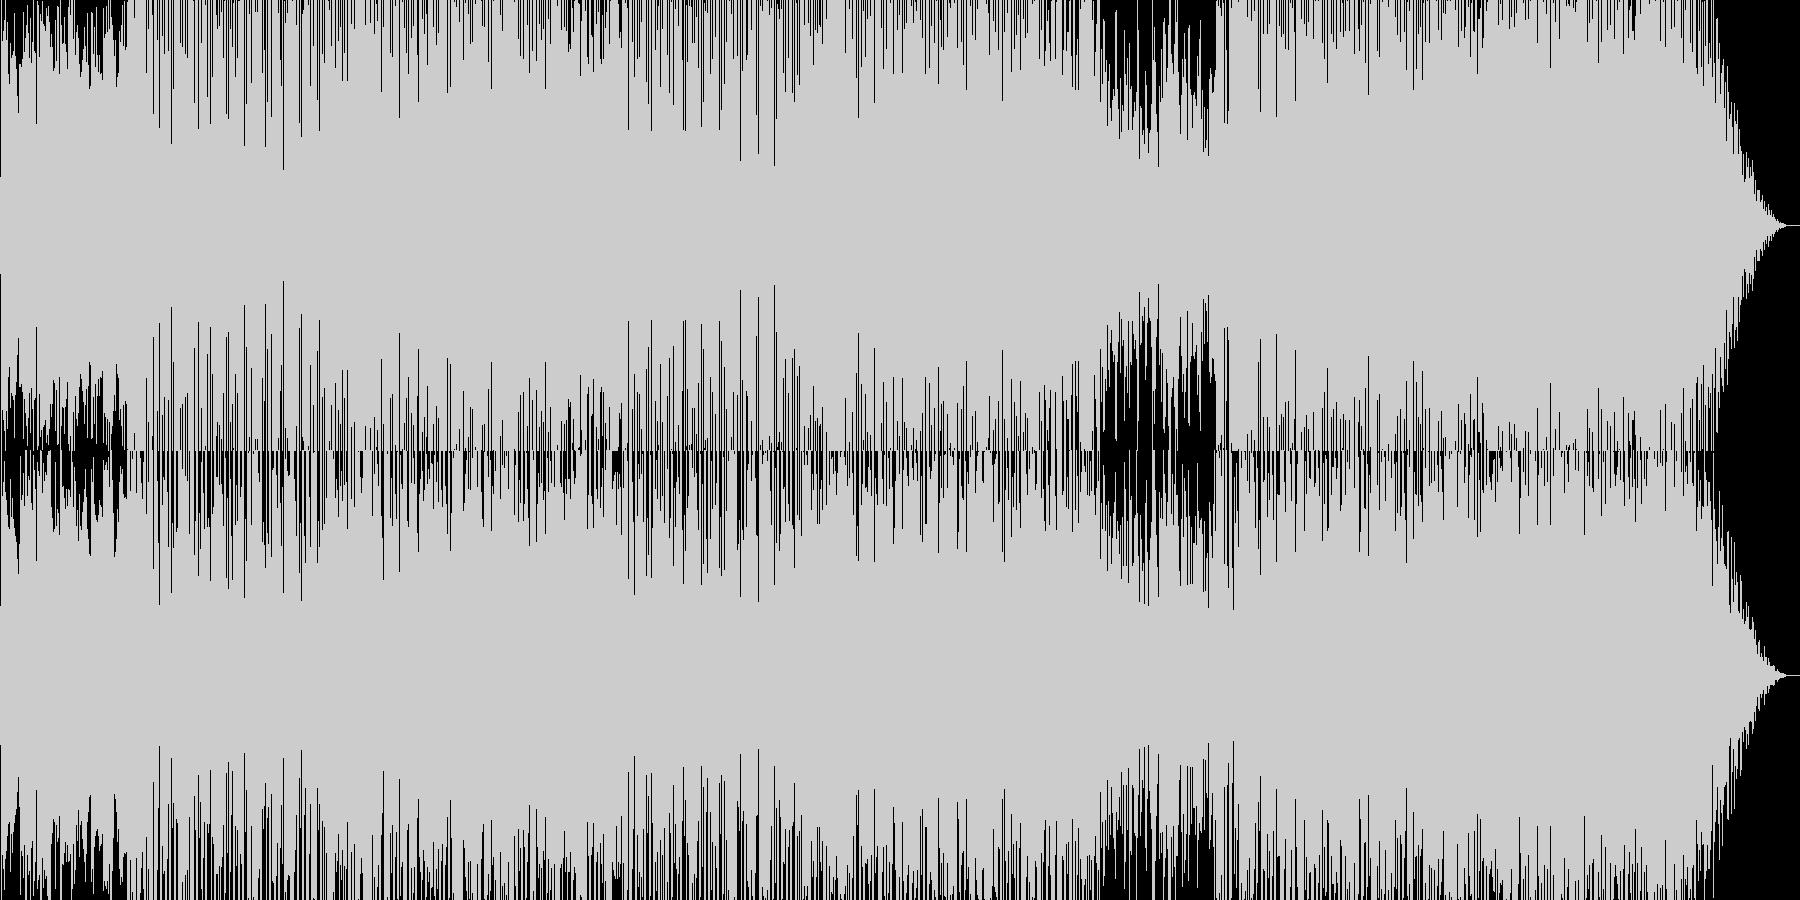 おしゃれな雰囲気なR&Bポップの未再生の波形